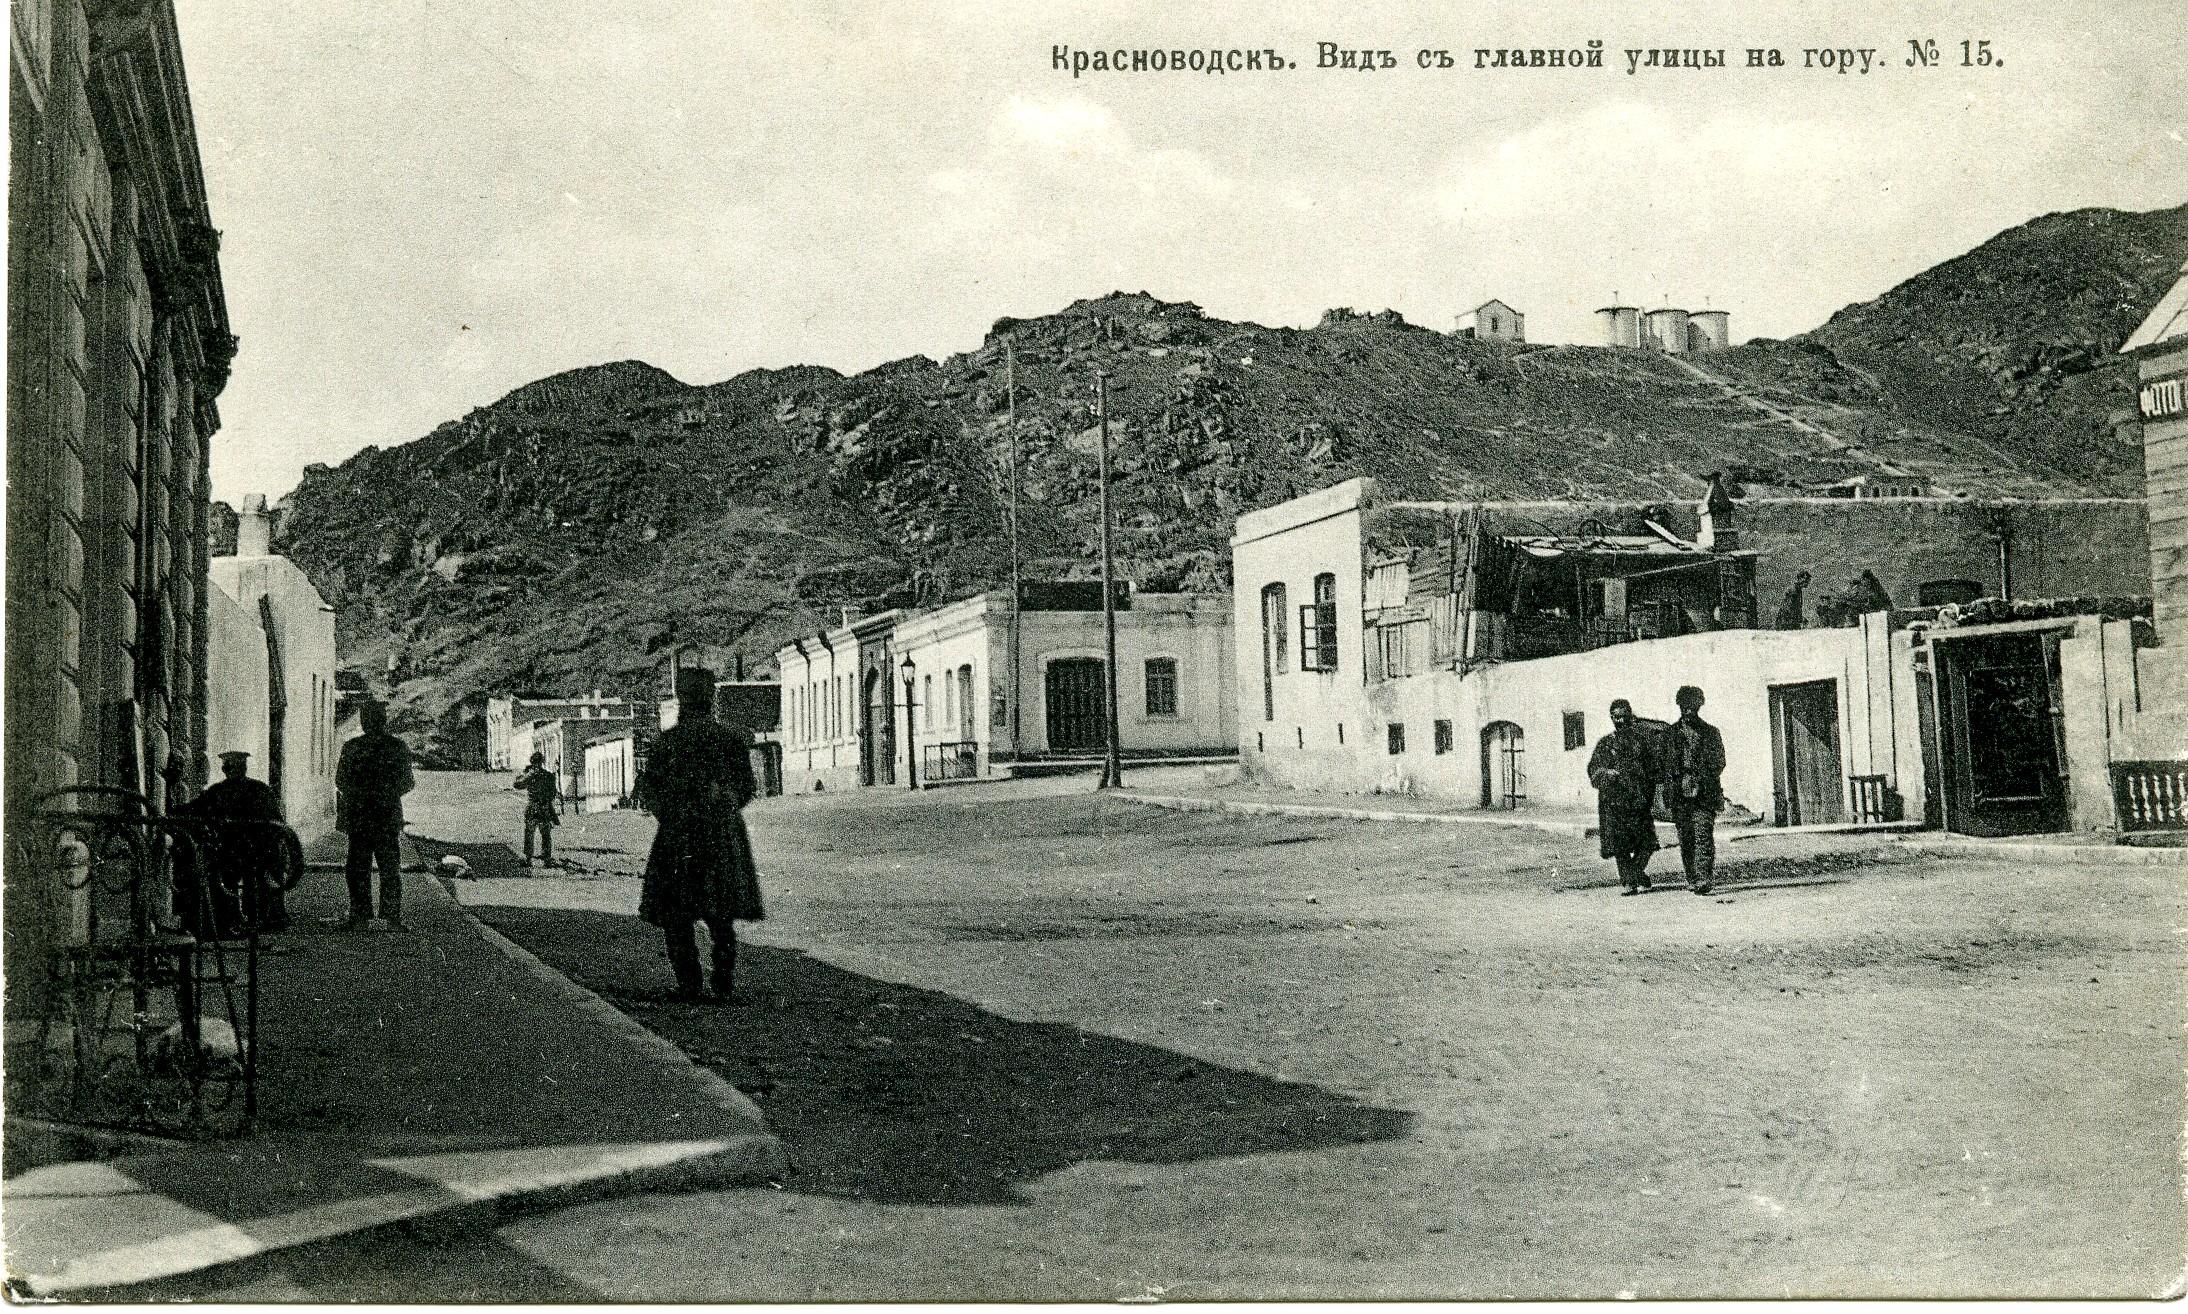 Вид с главной улицы на гору